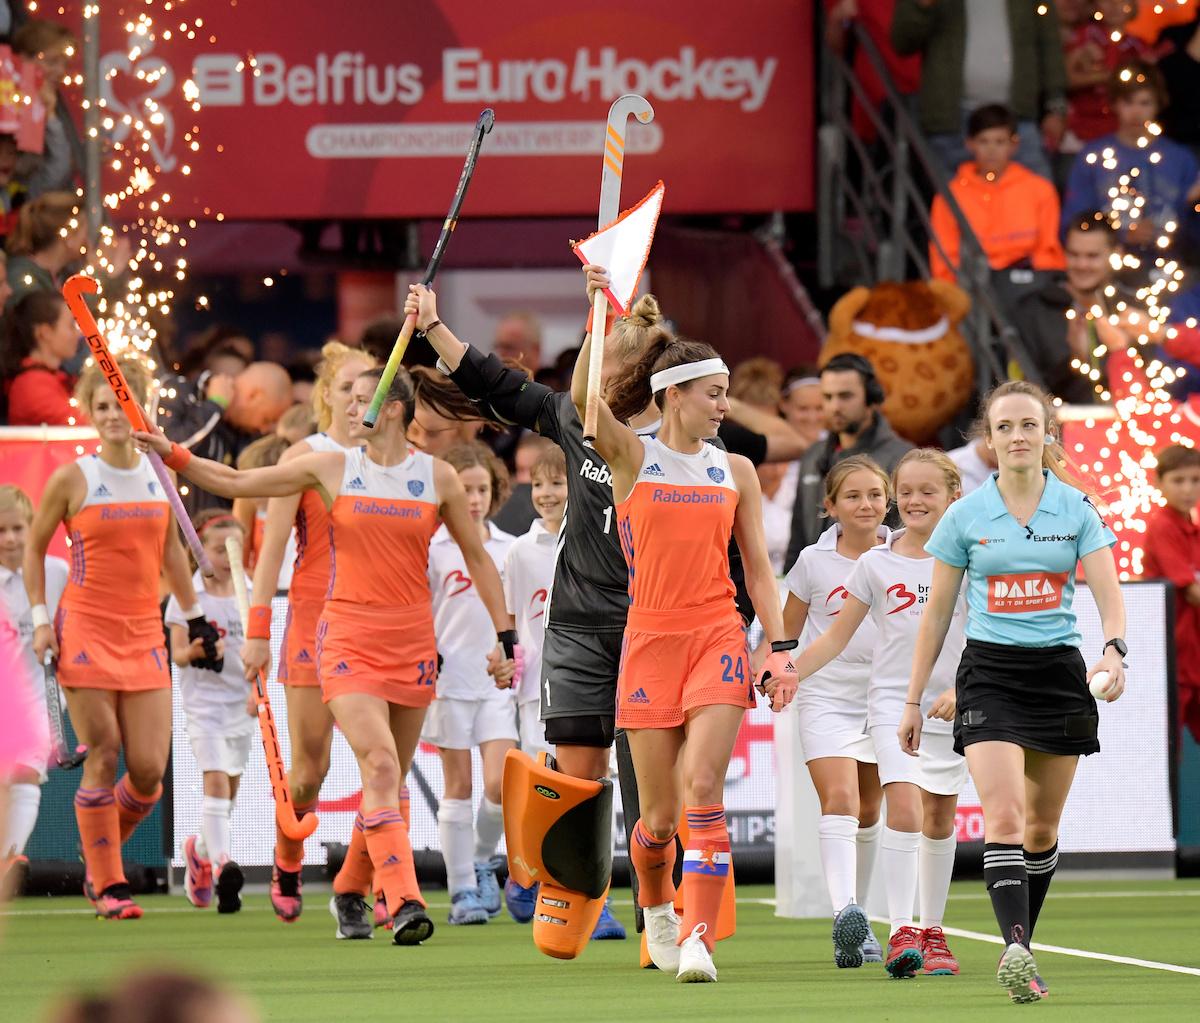 Belgie speelt uitstekend en speelt gelijk tegen de Nederlandse dames